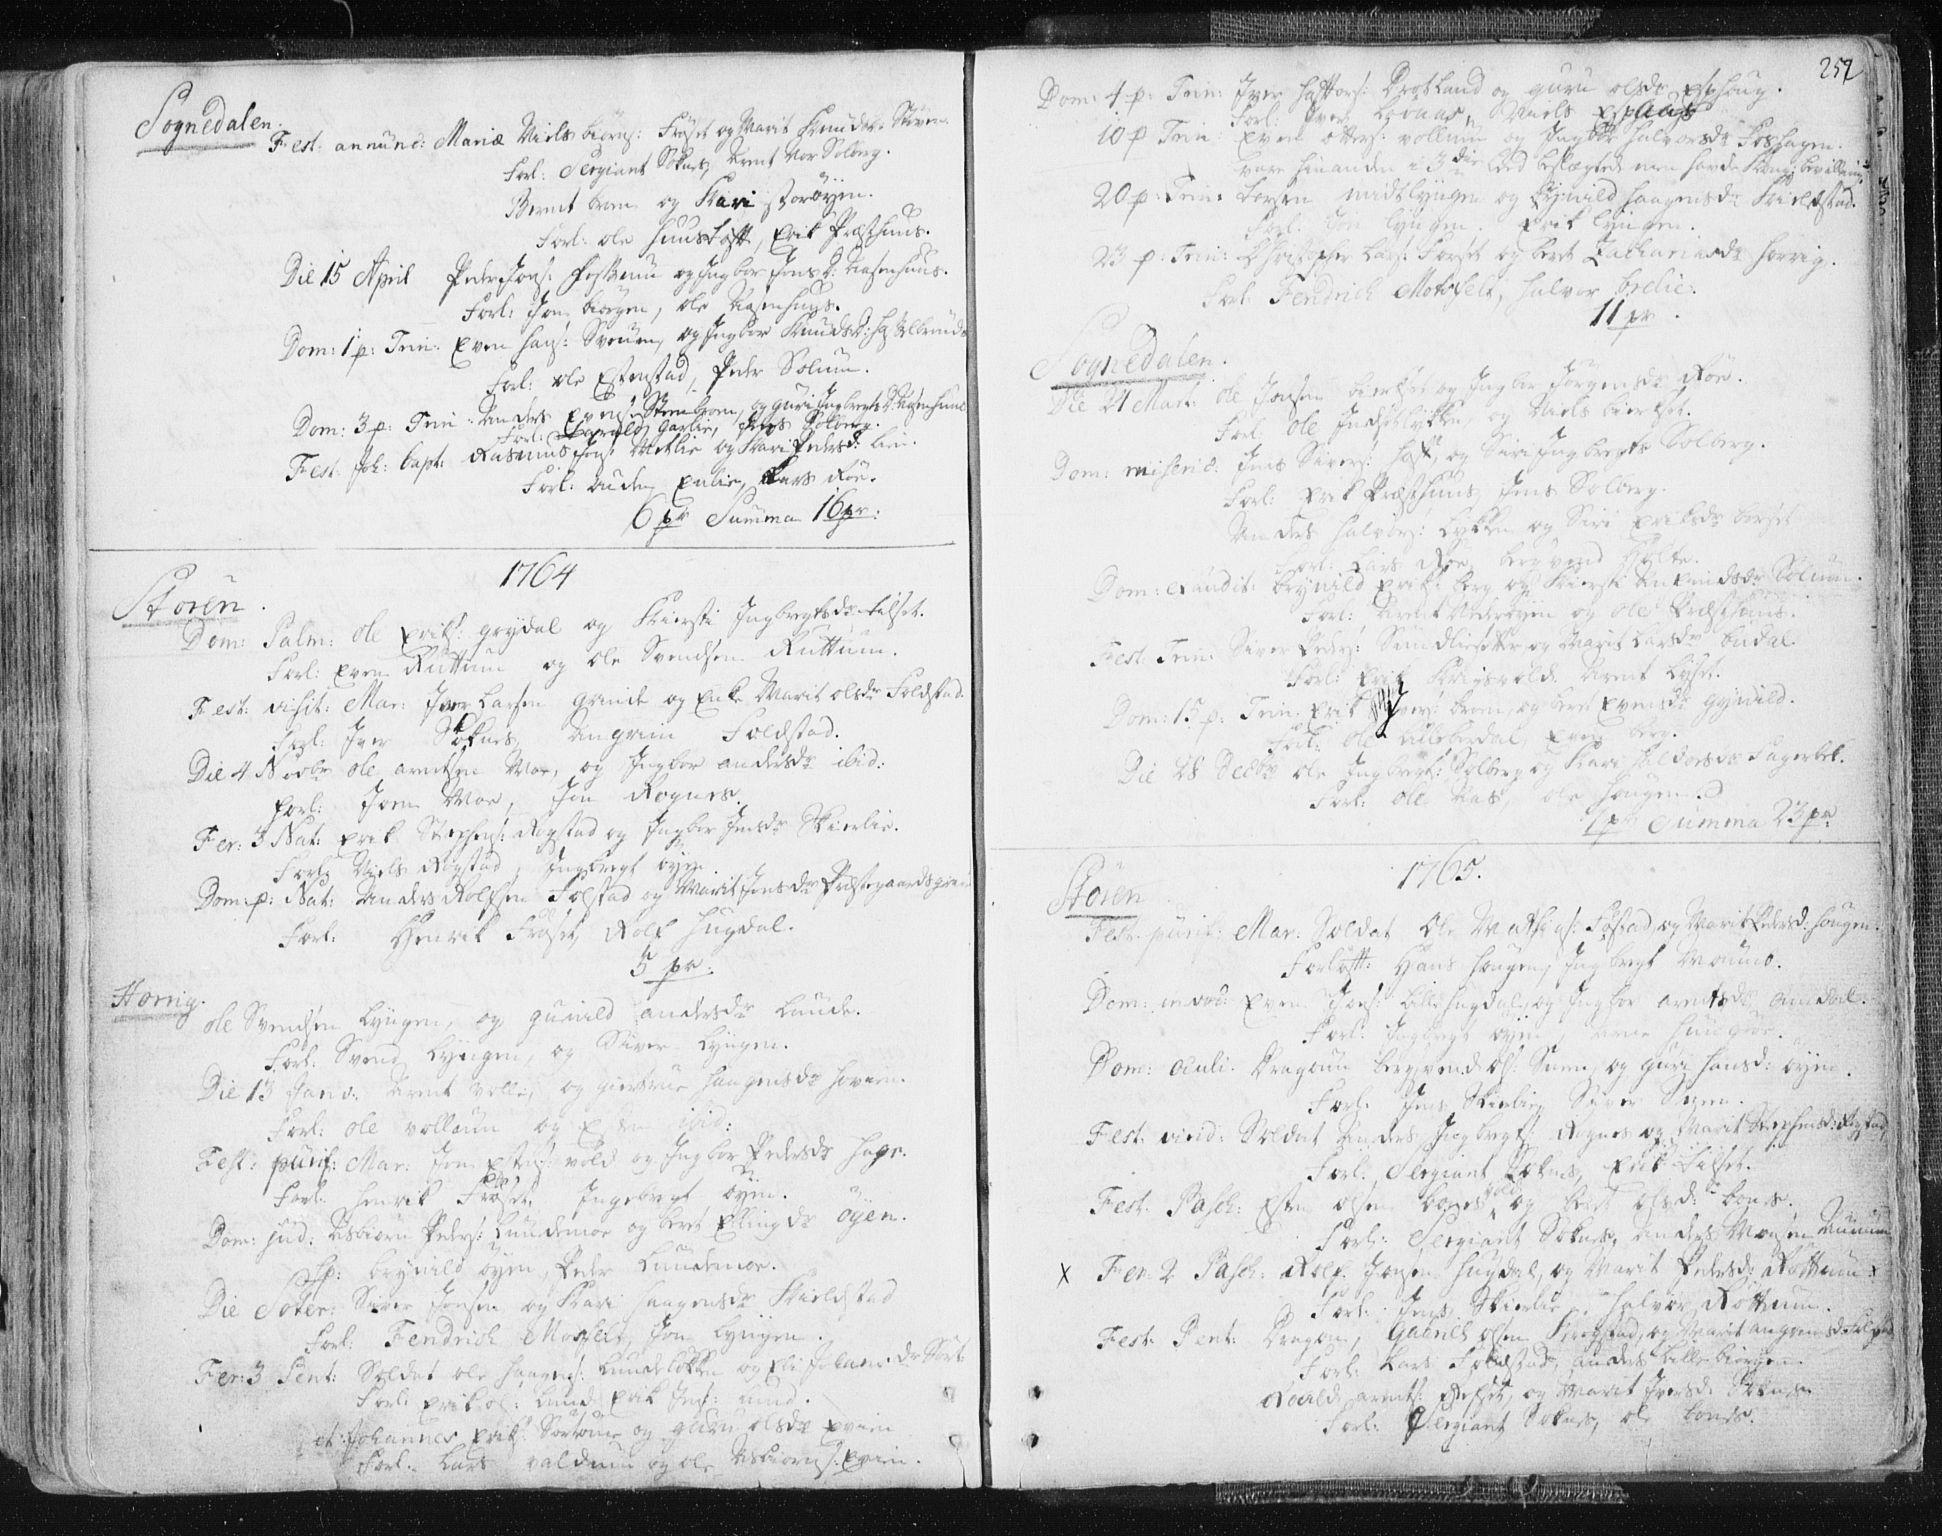 SAT, Ministerialprotokoller, klokkerbøker og fødselsregistre - Sør-Trøndelag, 687/L0991: Ministerialbok nr. 687A02, 1747-1790, s. 252